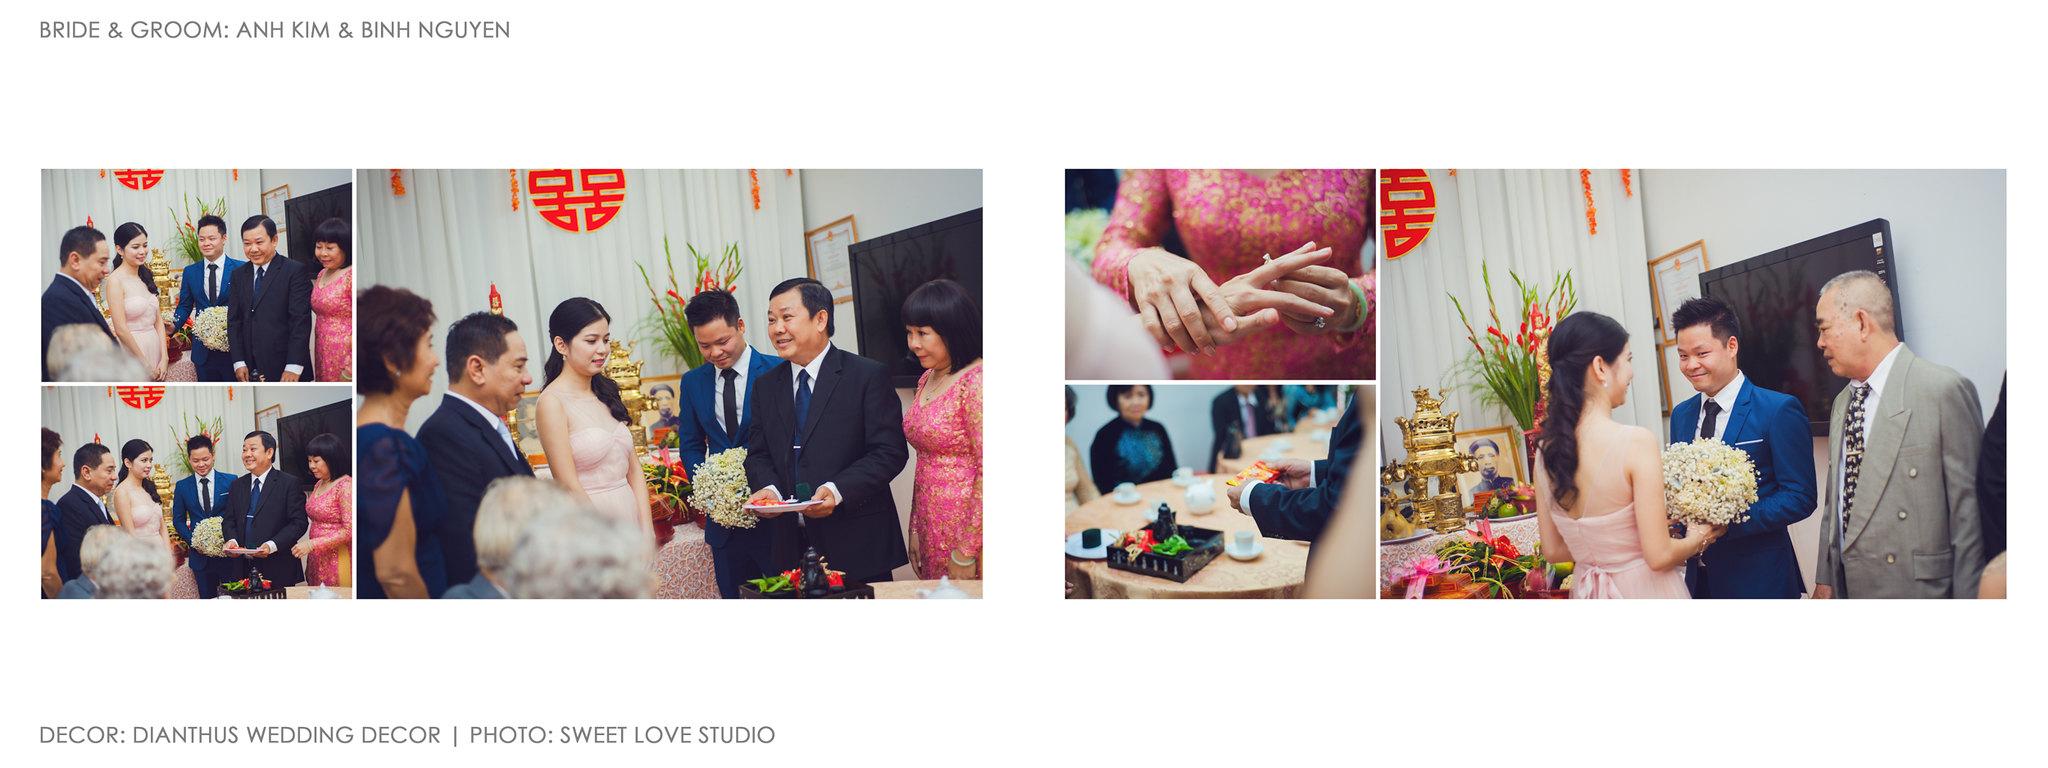 Chup-anh-cuoi-phong-su-Anh-Kim-Binh-Nguyen-11